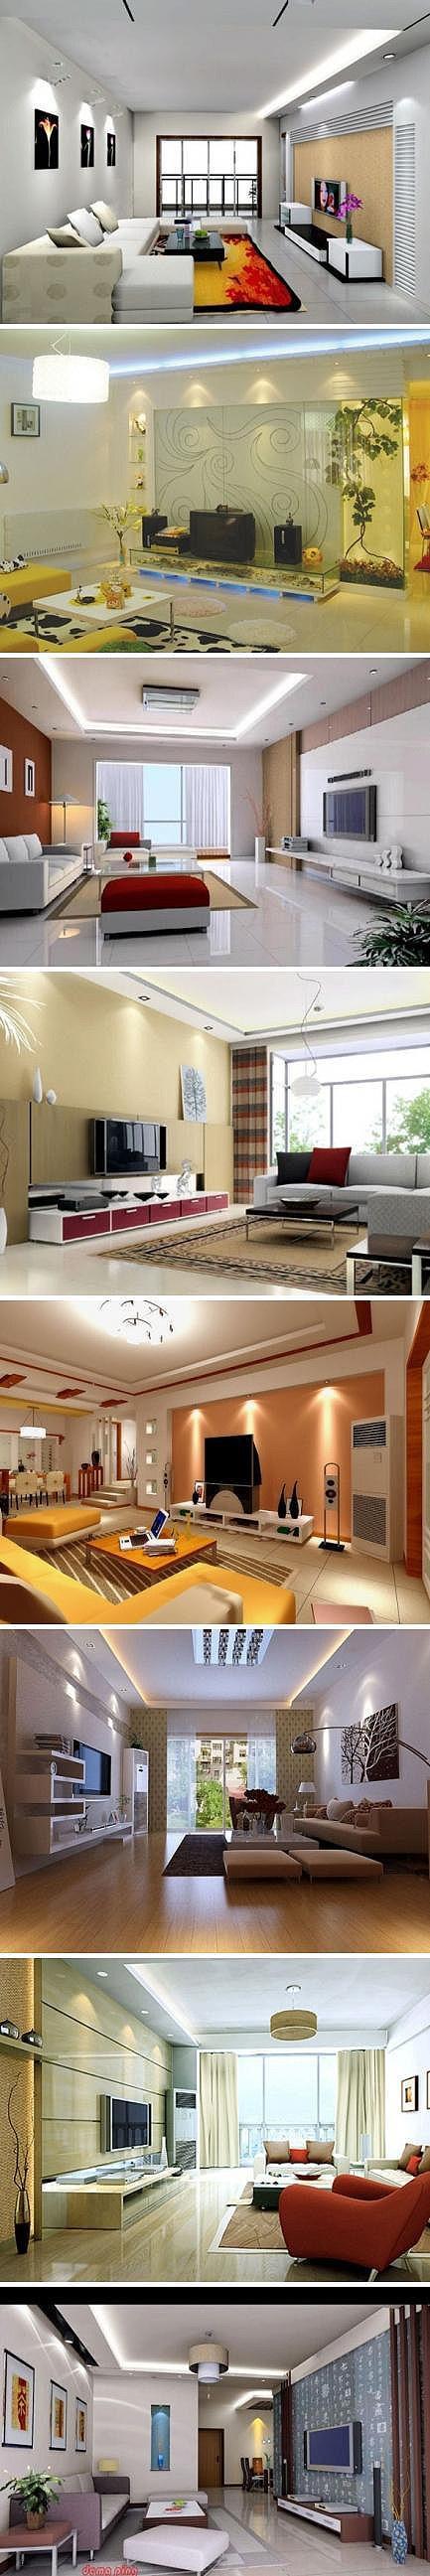 Los 8 modelos habitación sencilla y elegante sala de estar ~ ~ - Foto casa libros recogidos Chaomei ...